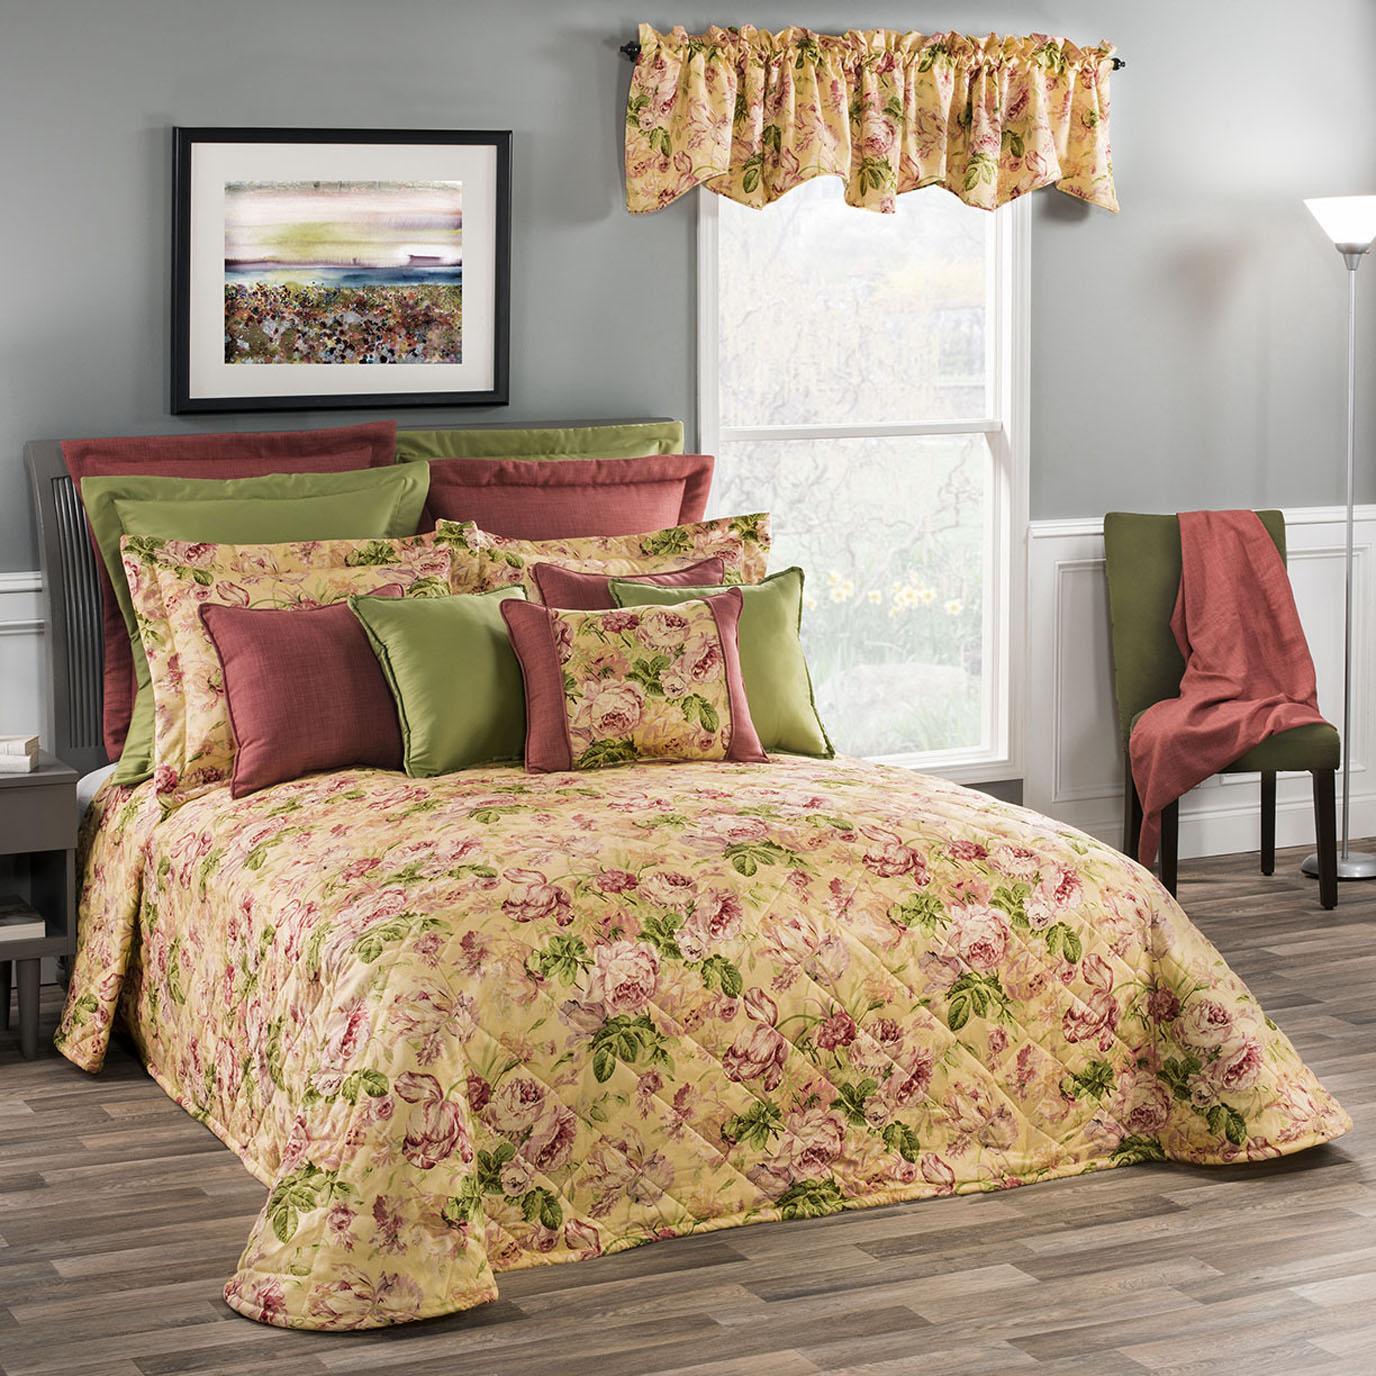 Hepworth Queen Bedspread